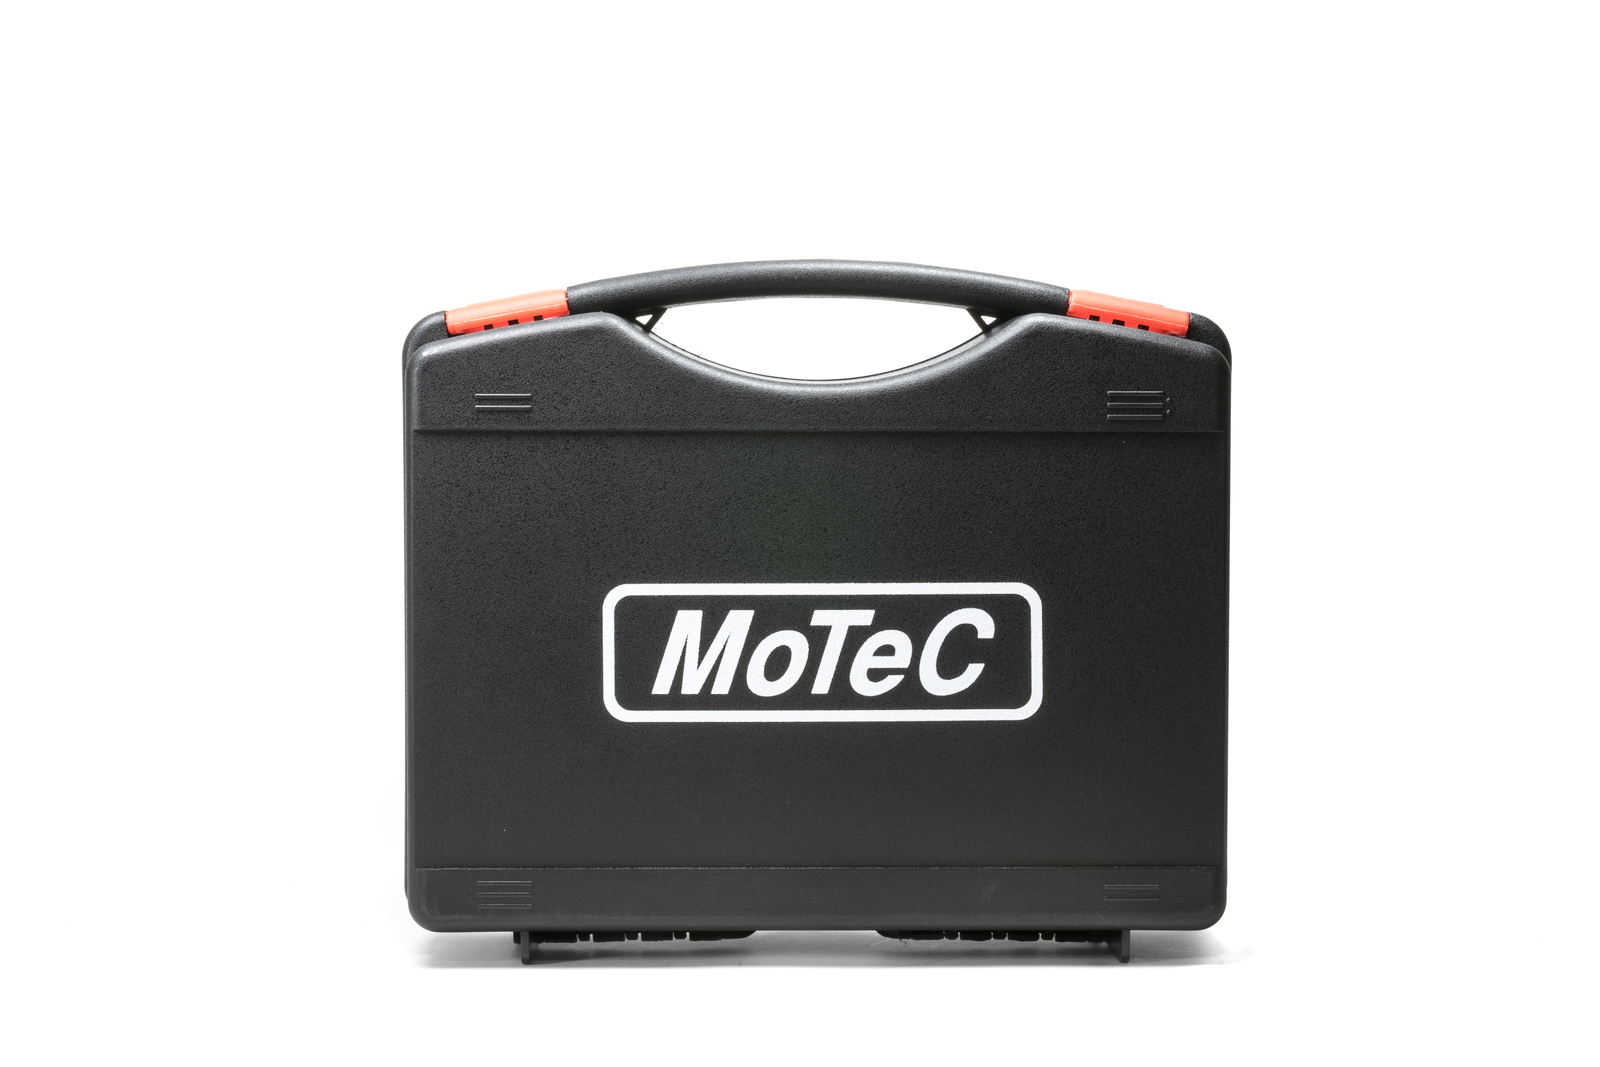 FatFab] Twin Turbo GT350 w/ Motec M150 Ecu | SVTPerformance com